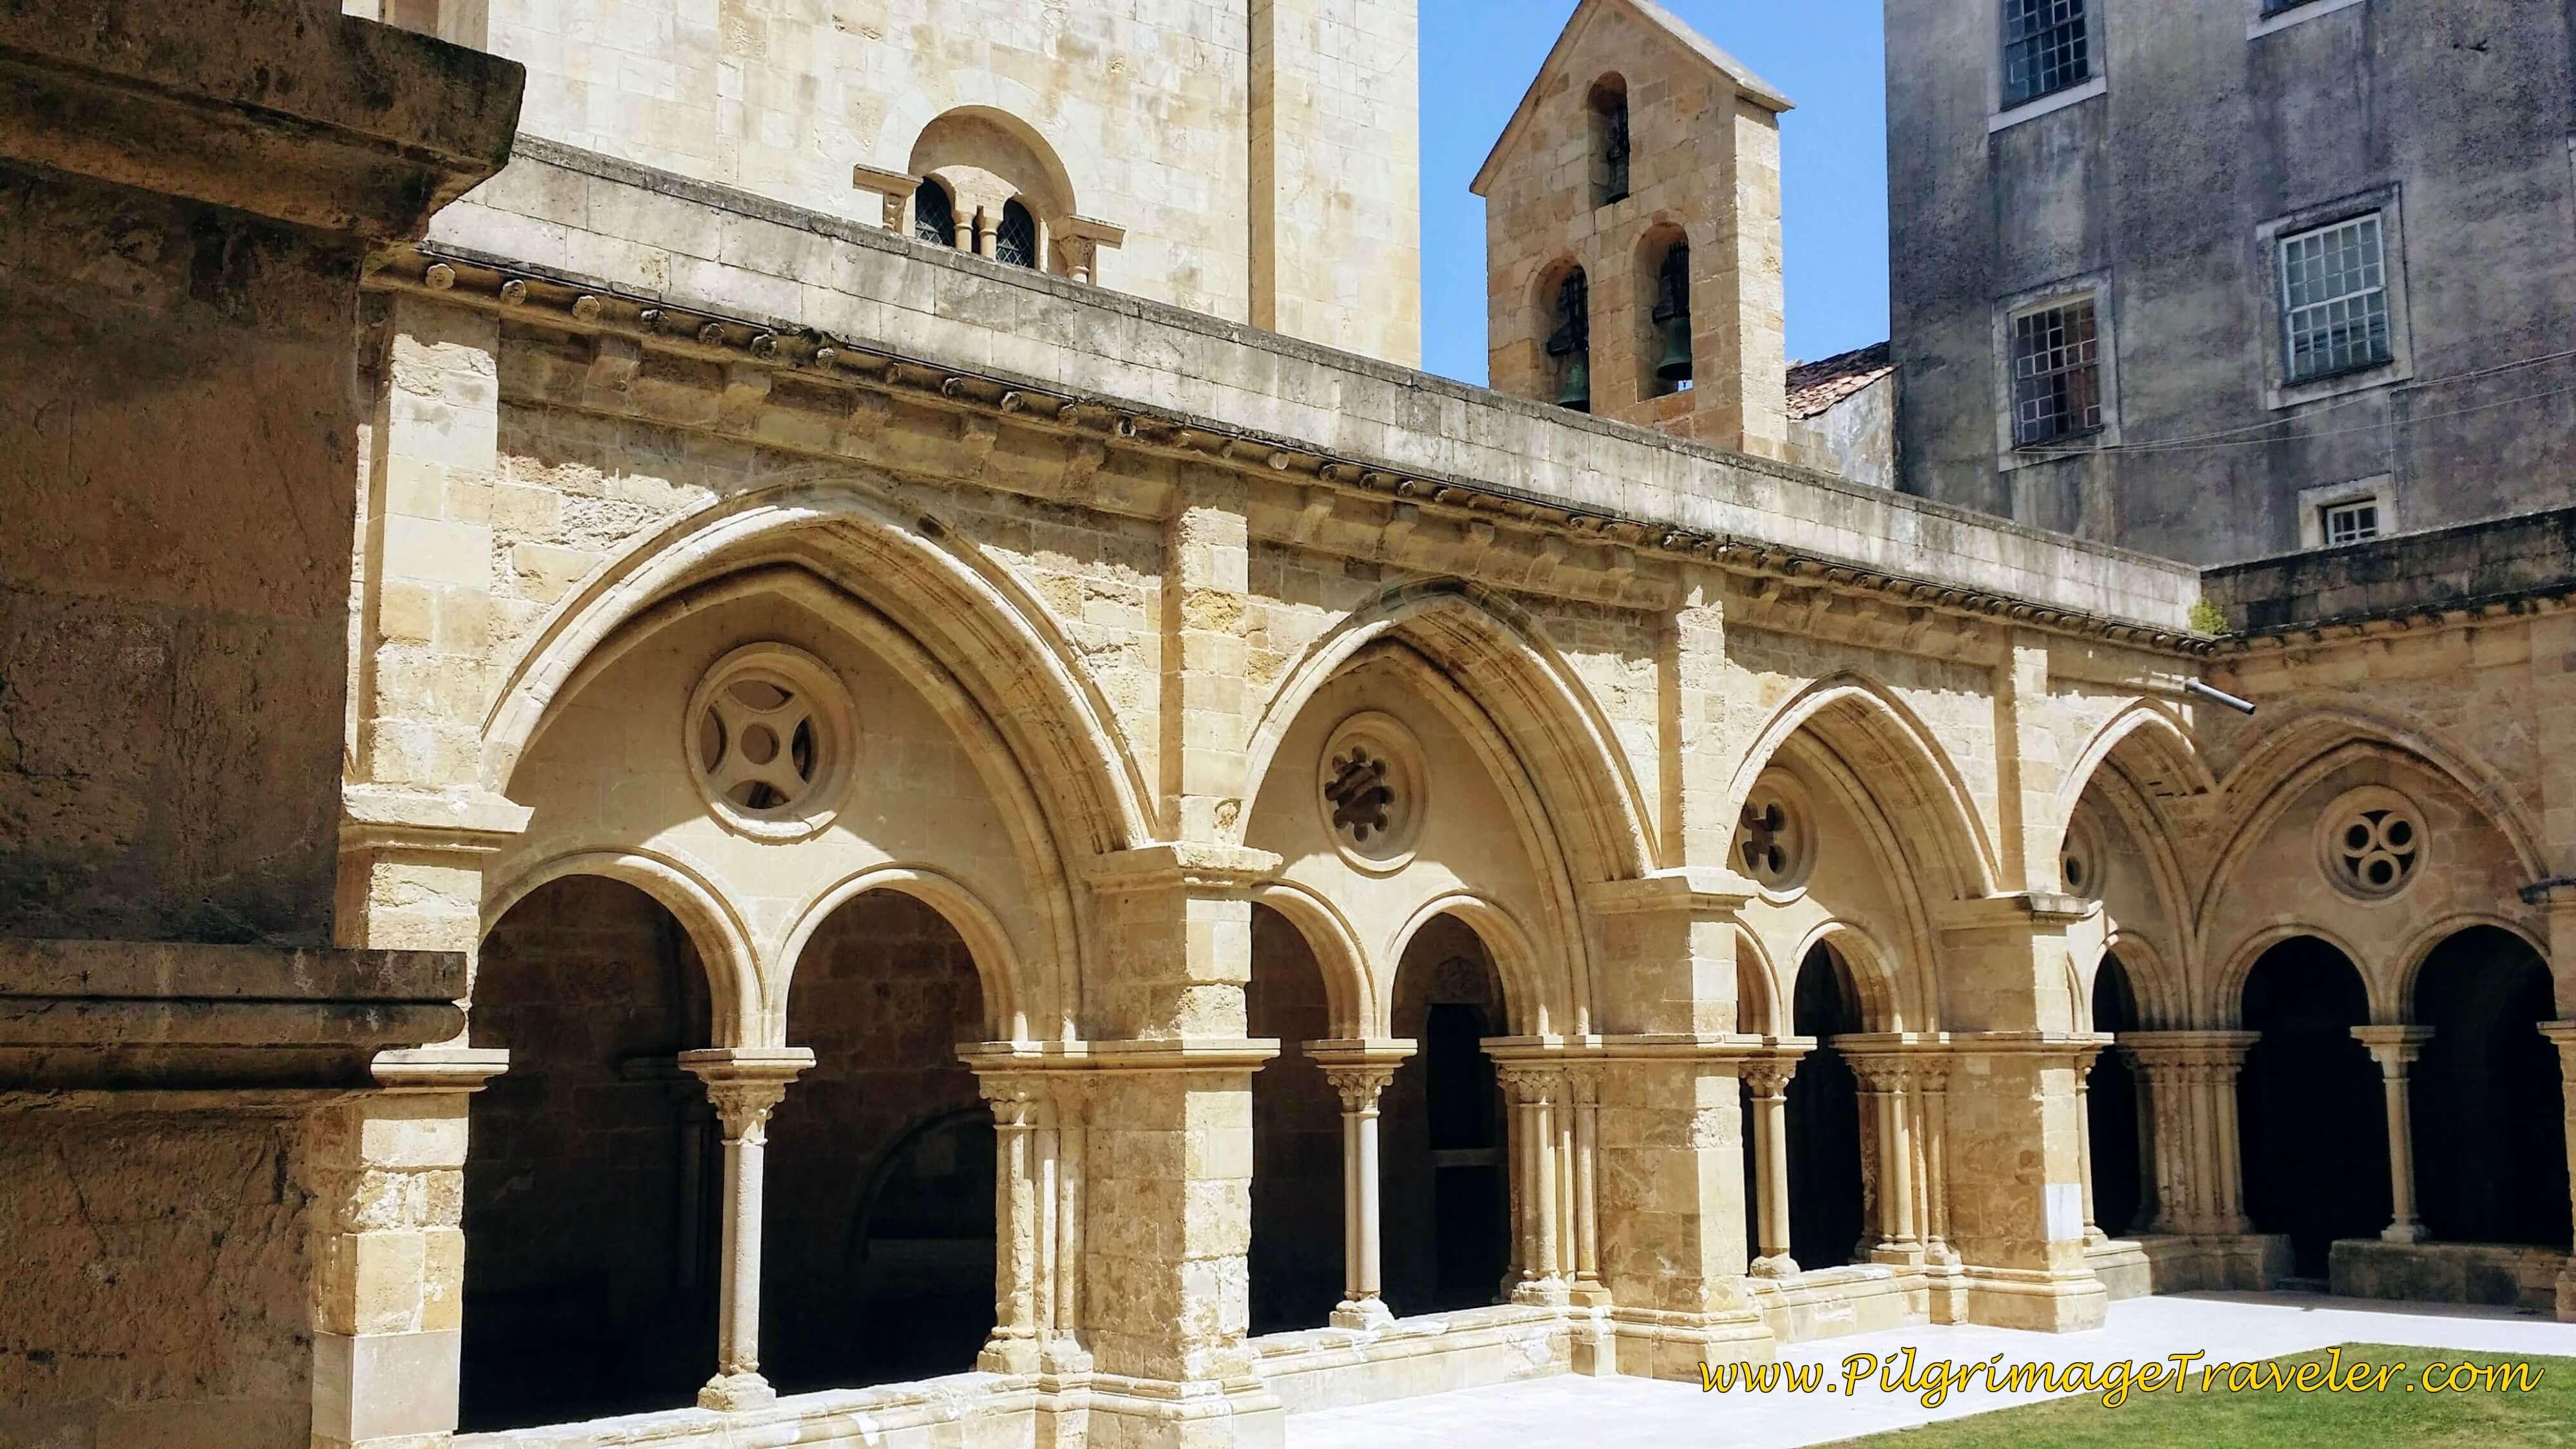 Gothic Style Cloister, 13th Century, Sé Velha, Coimbra Portugal